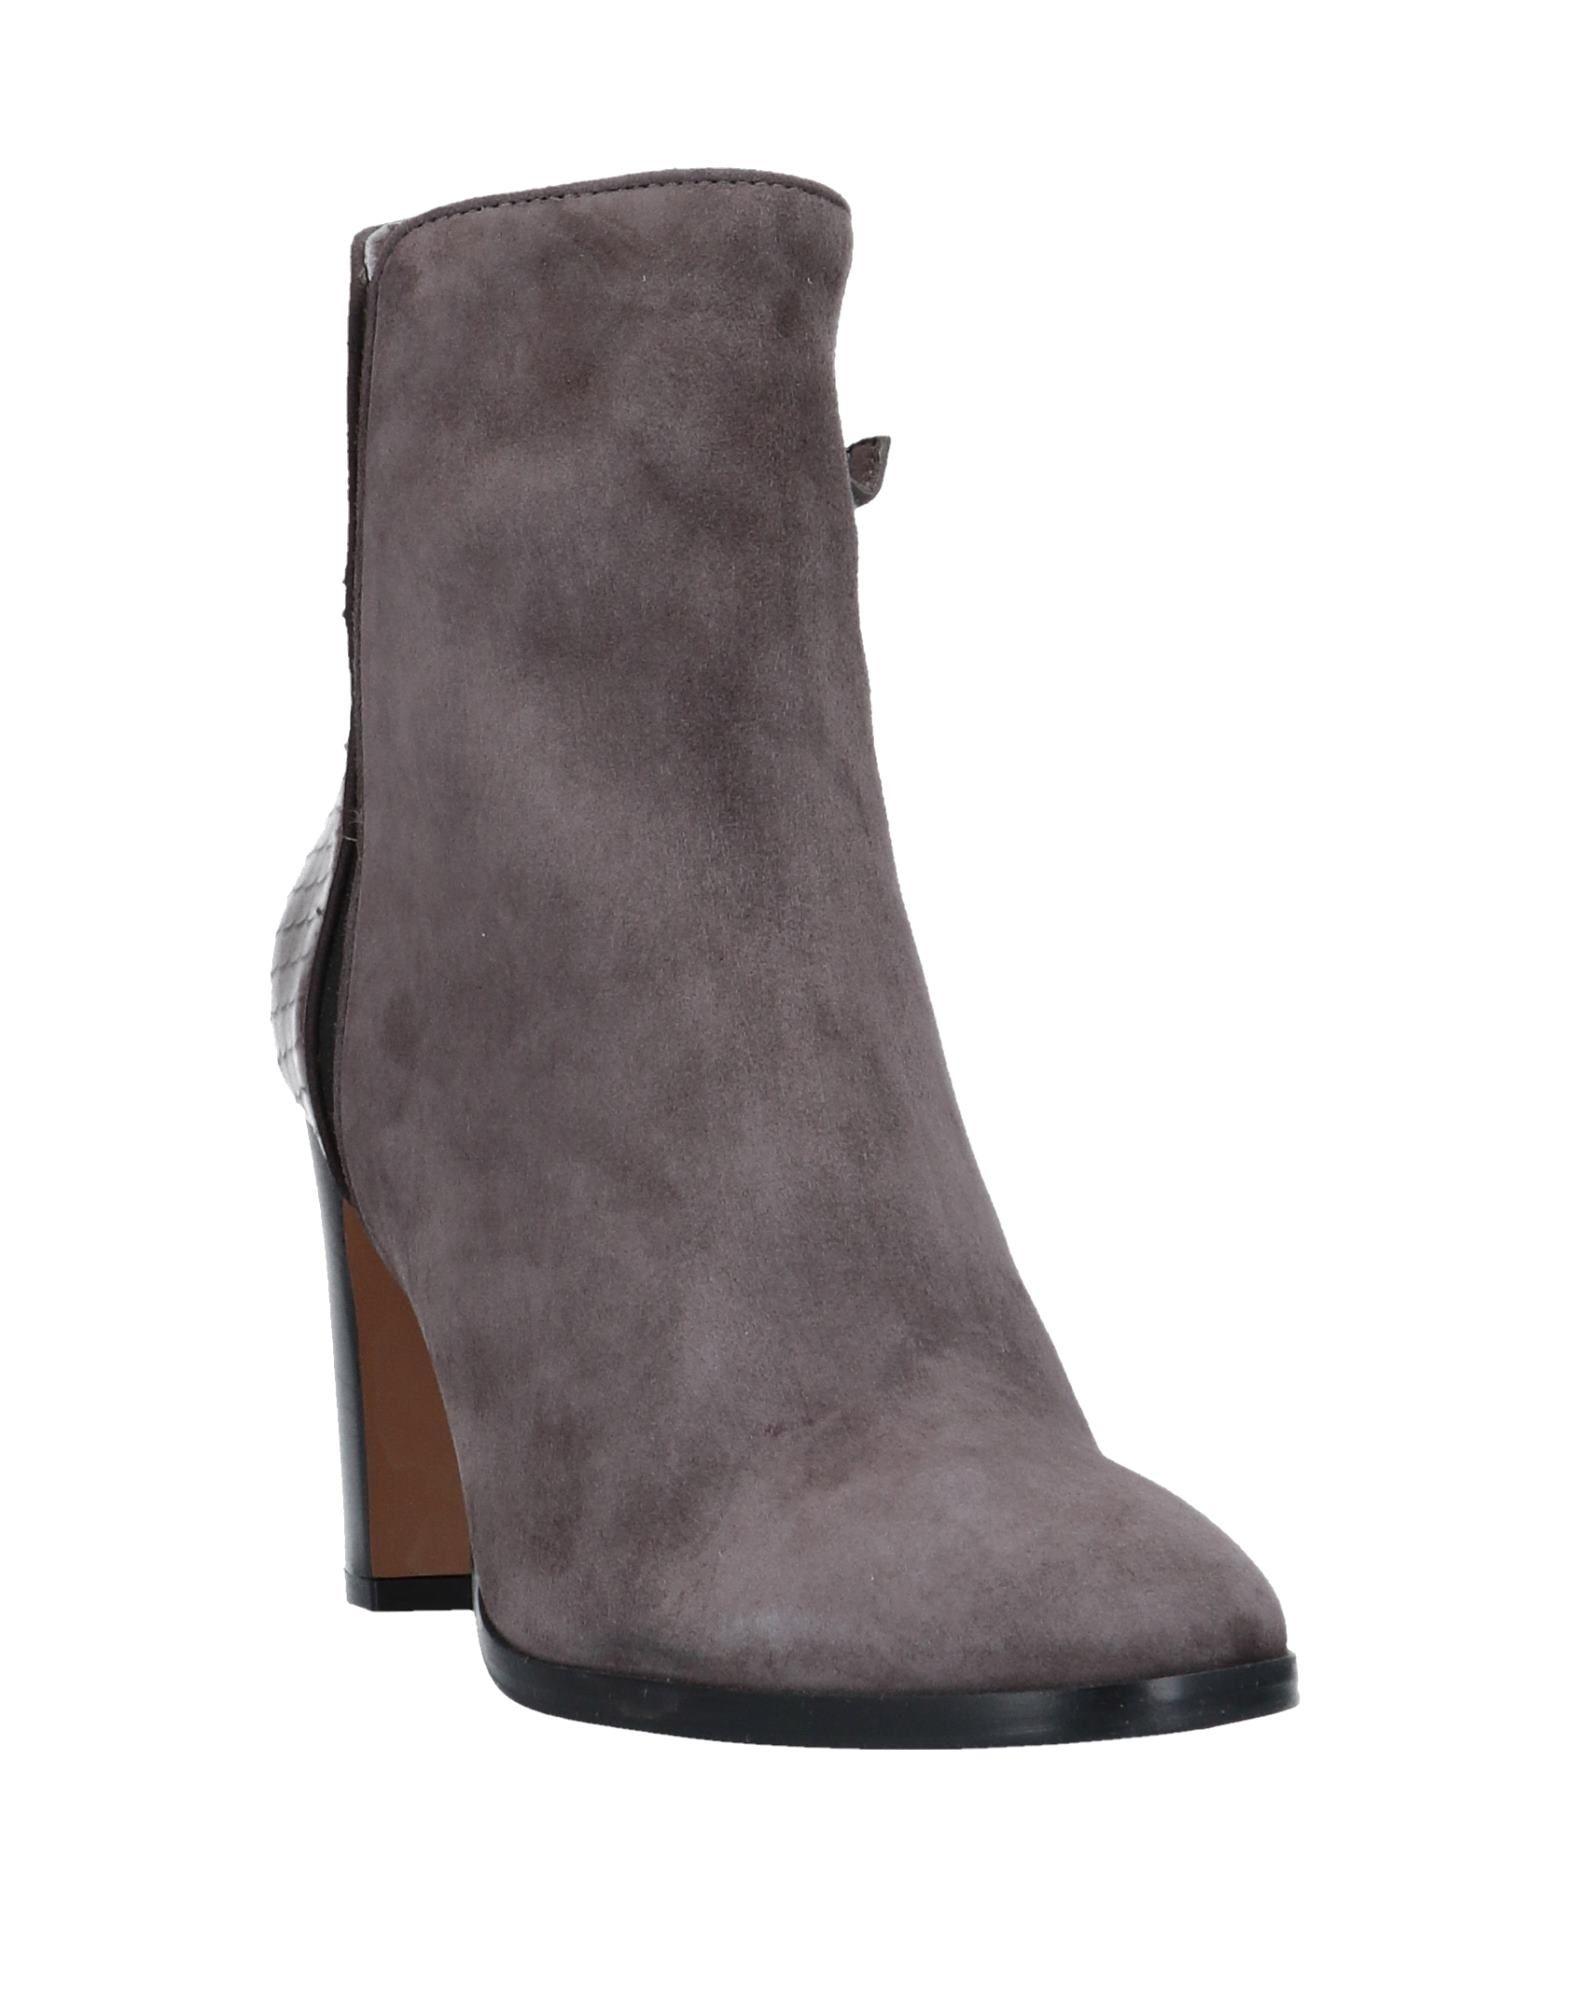 J|D Julie Dee Stiefelette Damen beliebte  11539535IK Gute Qualität beliebte Damen Schuhe 49fd39